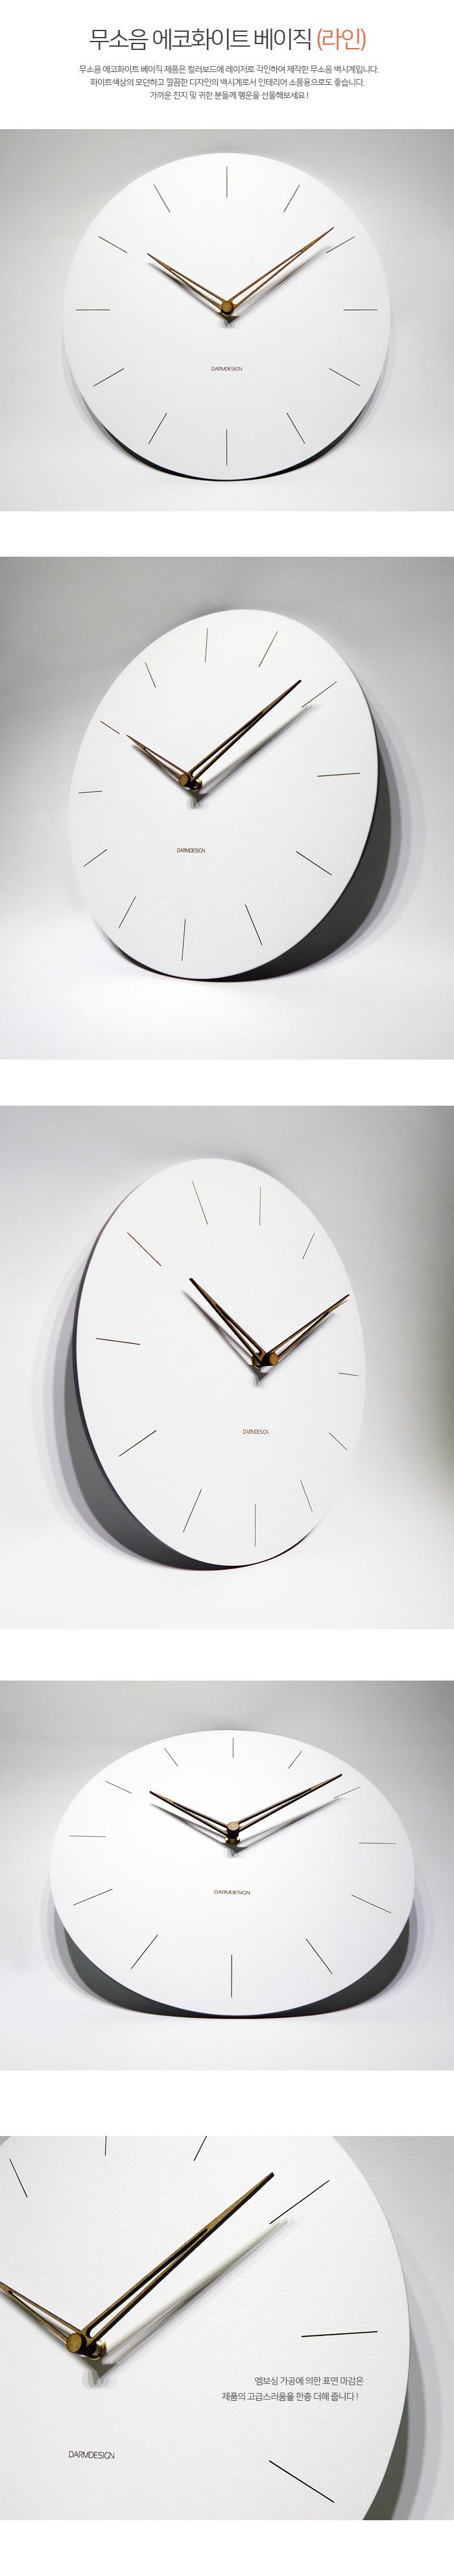 무소음 벽시계 에코화이트 베이직(라인) - 다름디자인, 18,000원, 벽시계, 디자인벽시계